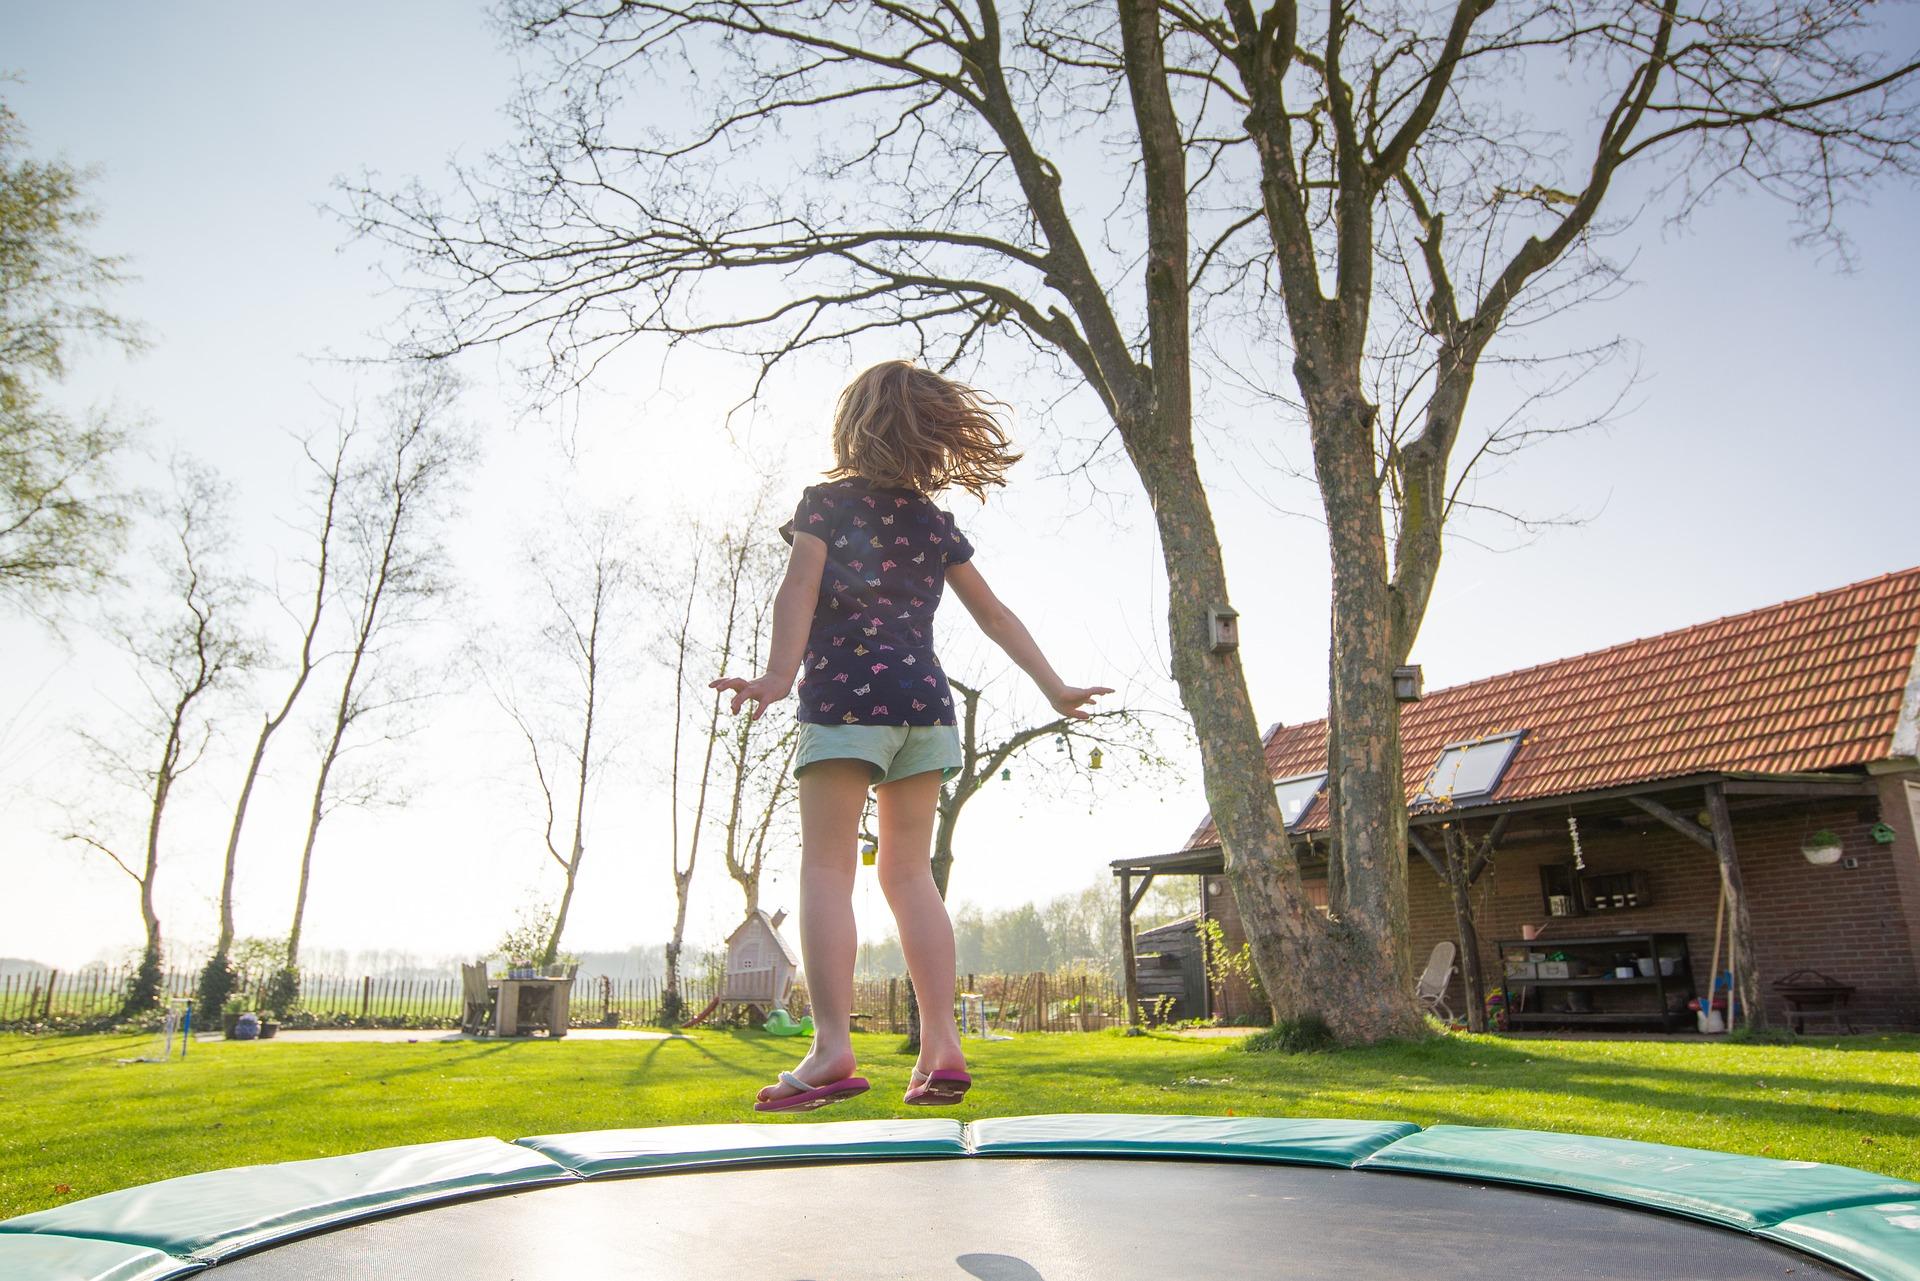 Zábavně si zacvičte na trampolíně